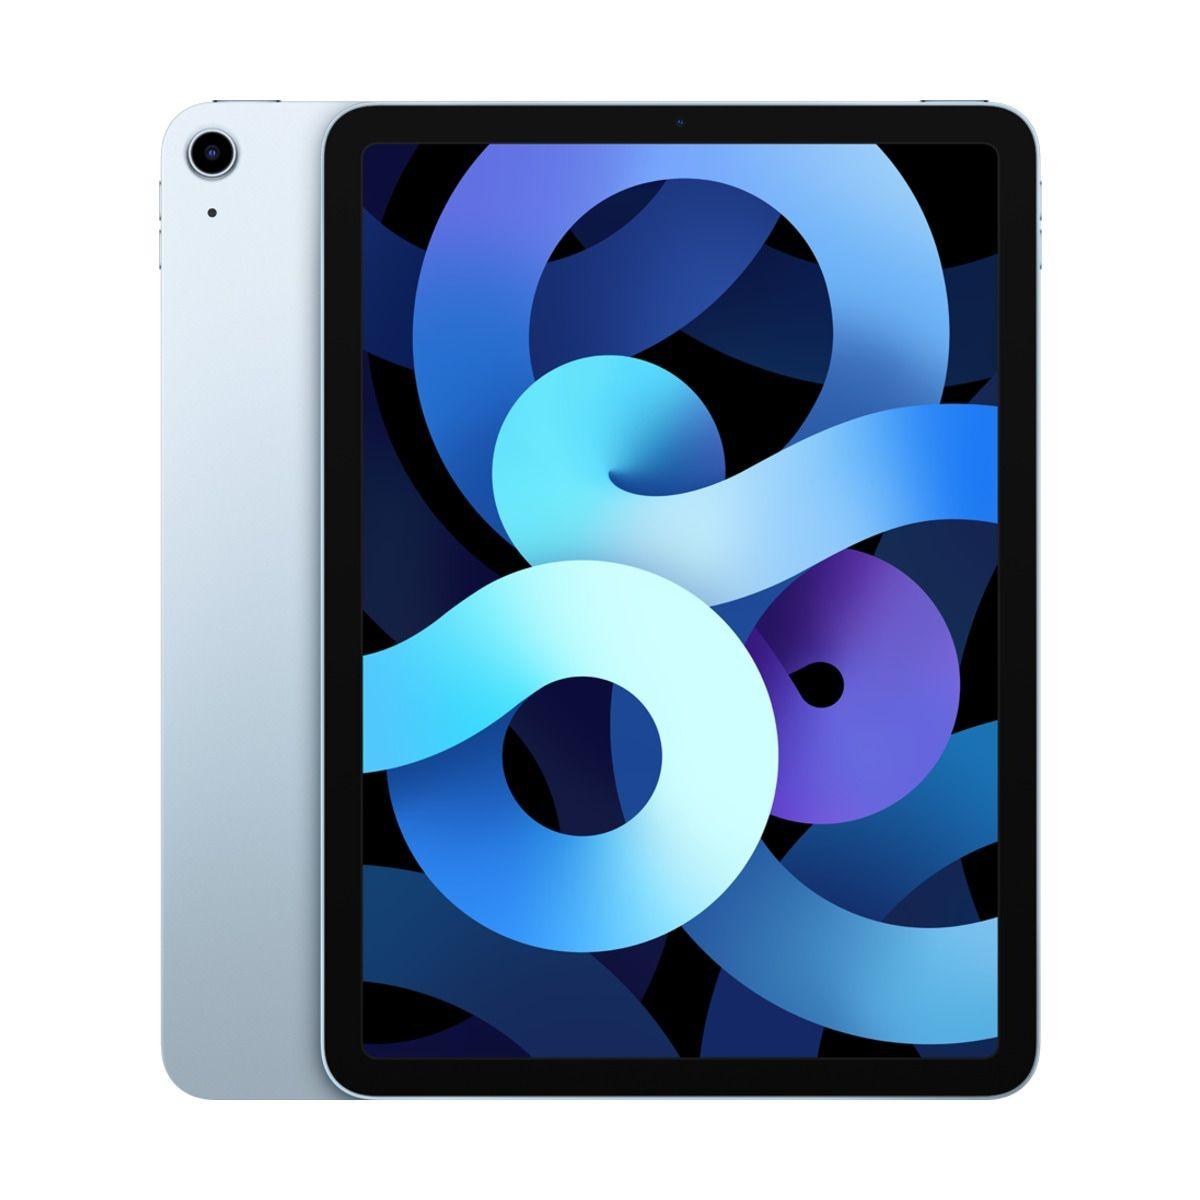 Apple iPad Air Wi-Fi 64GB - Sky Blue